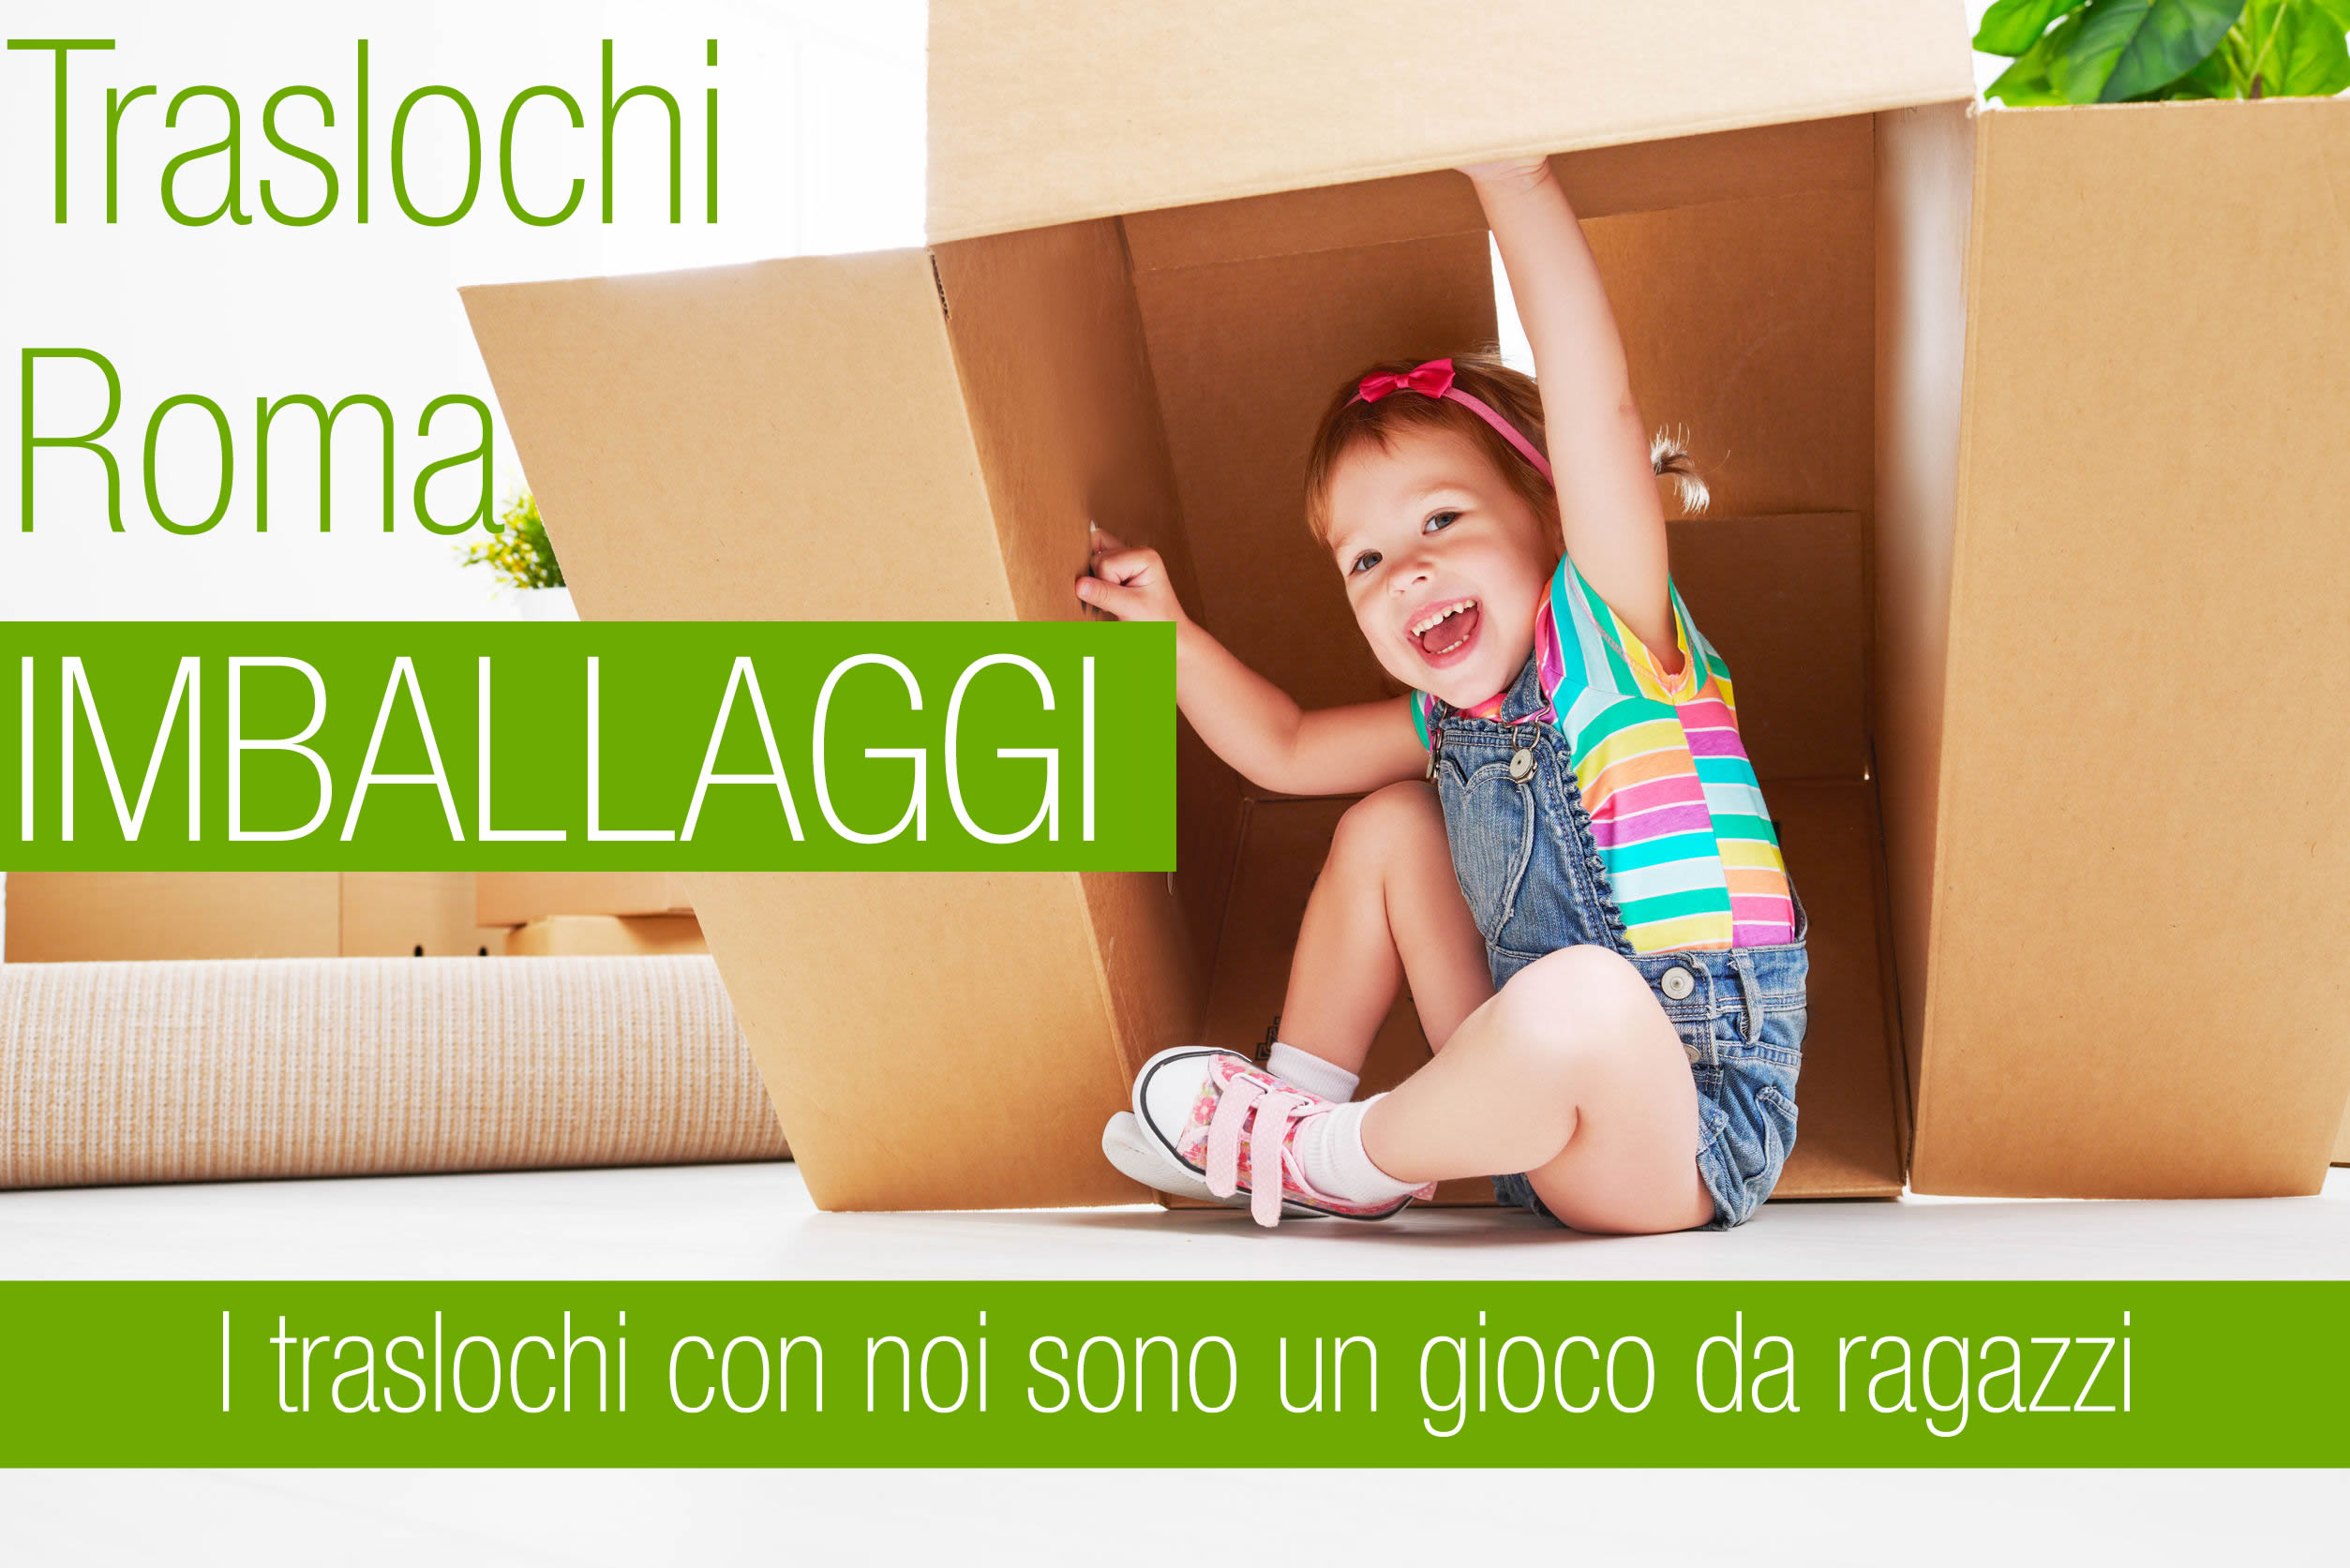 Deposito Mobili Trastevere Roma - Imballaggi per Trasloco - a Trastevere Roma. Contattaci ora per avere tutte le informazioni inerenti a Deposito Mobili Trastevere Roma, risponderemo il prima possibile.